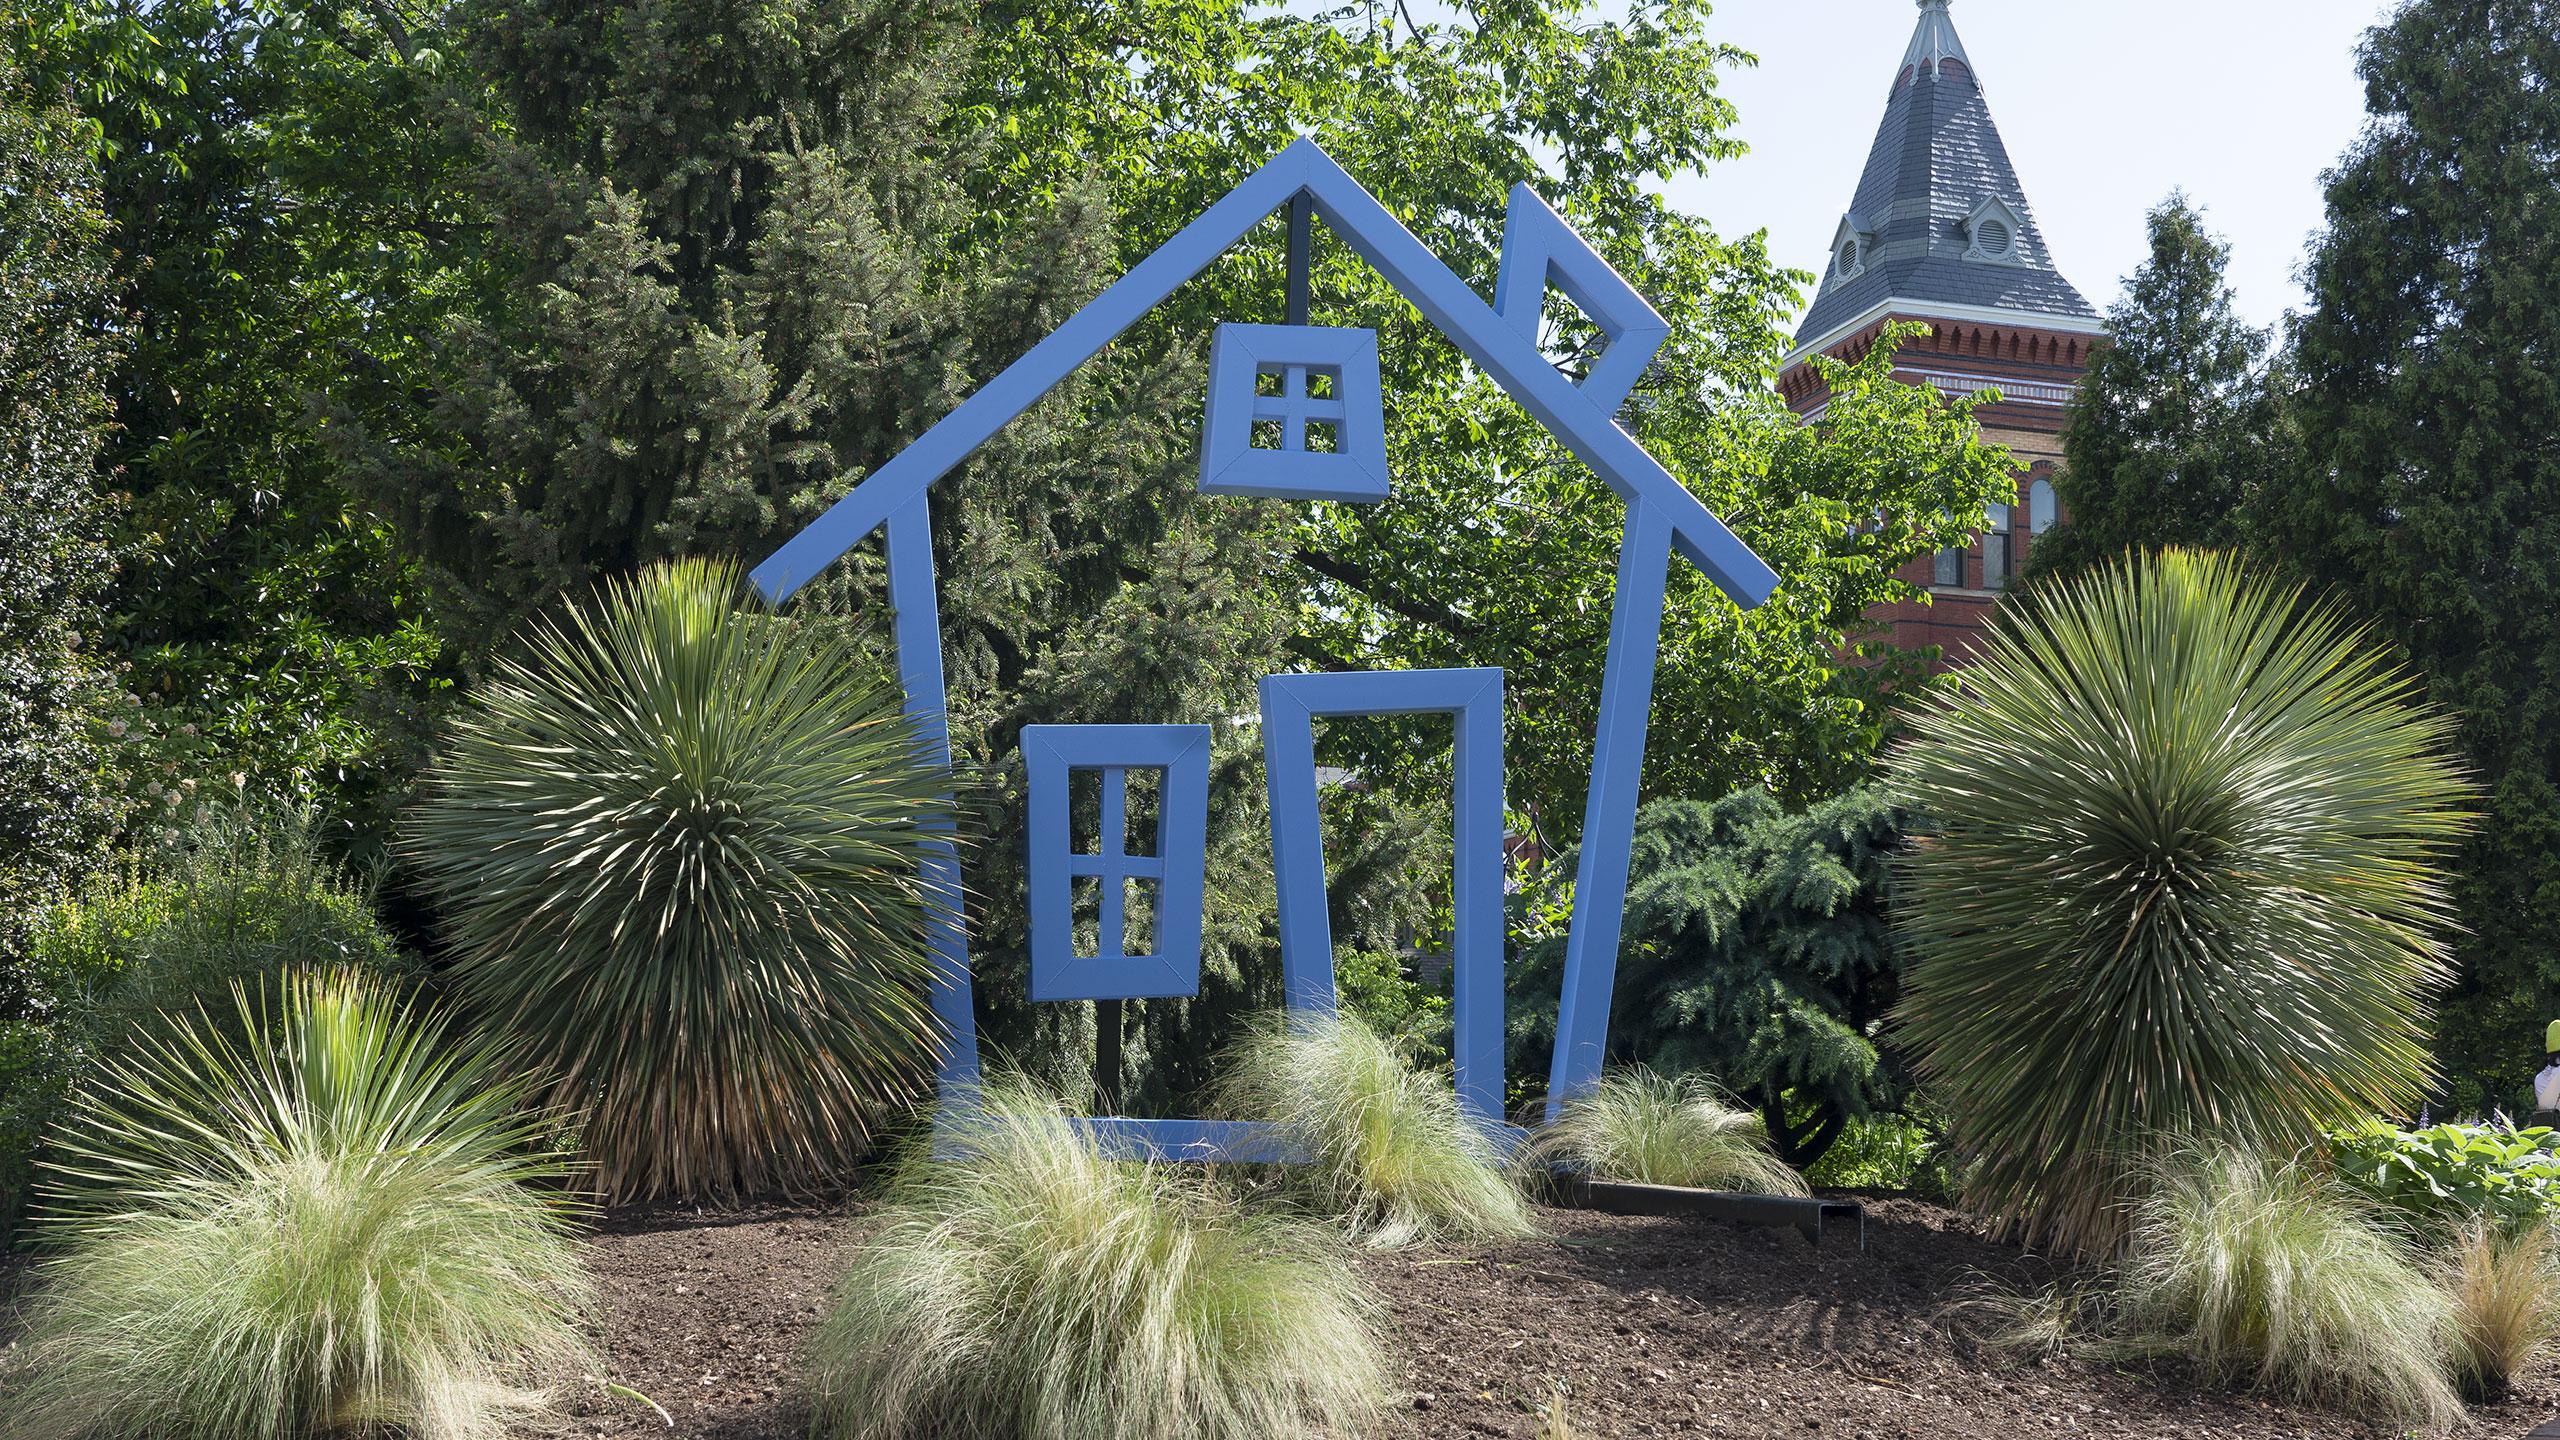 Habitat installation in the Mary Livingston Ripley Garden